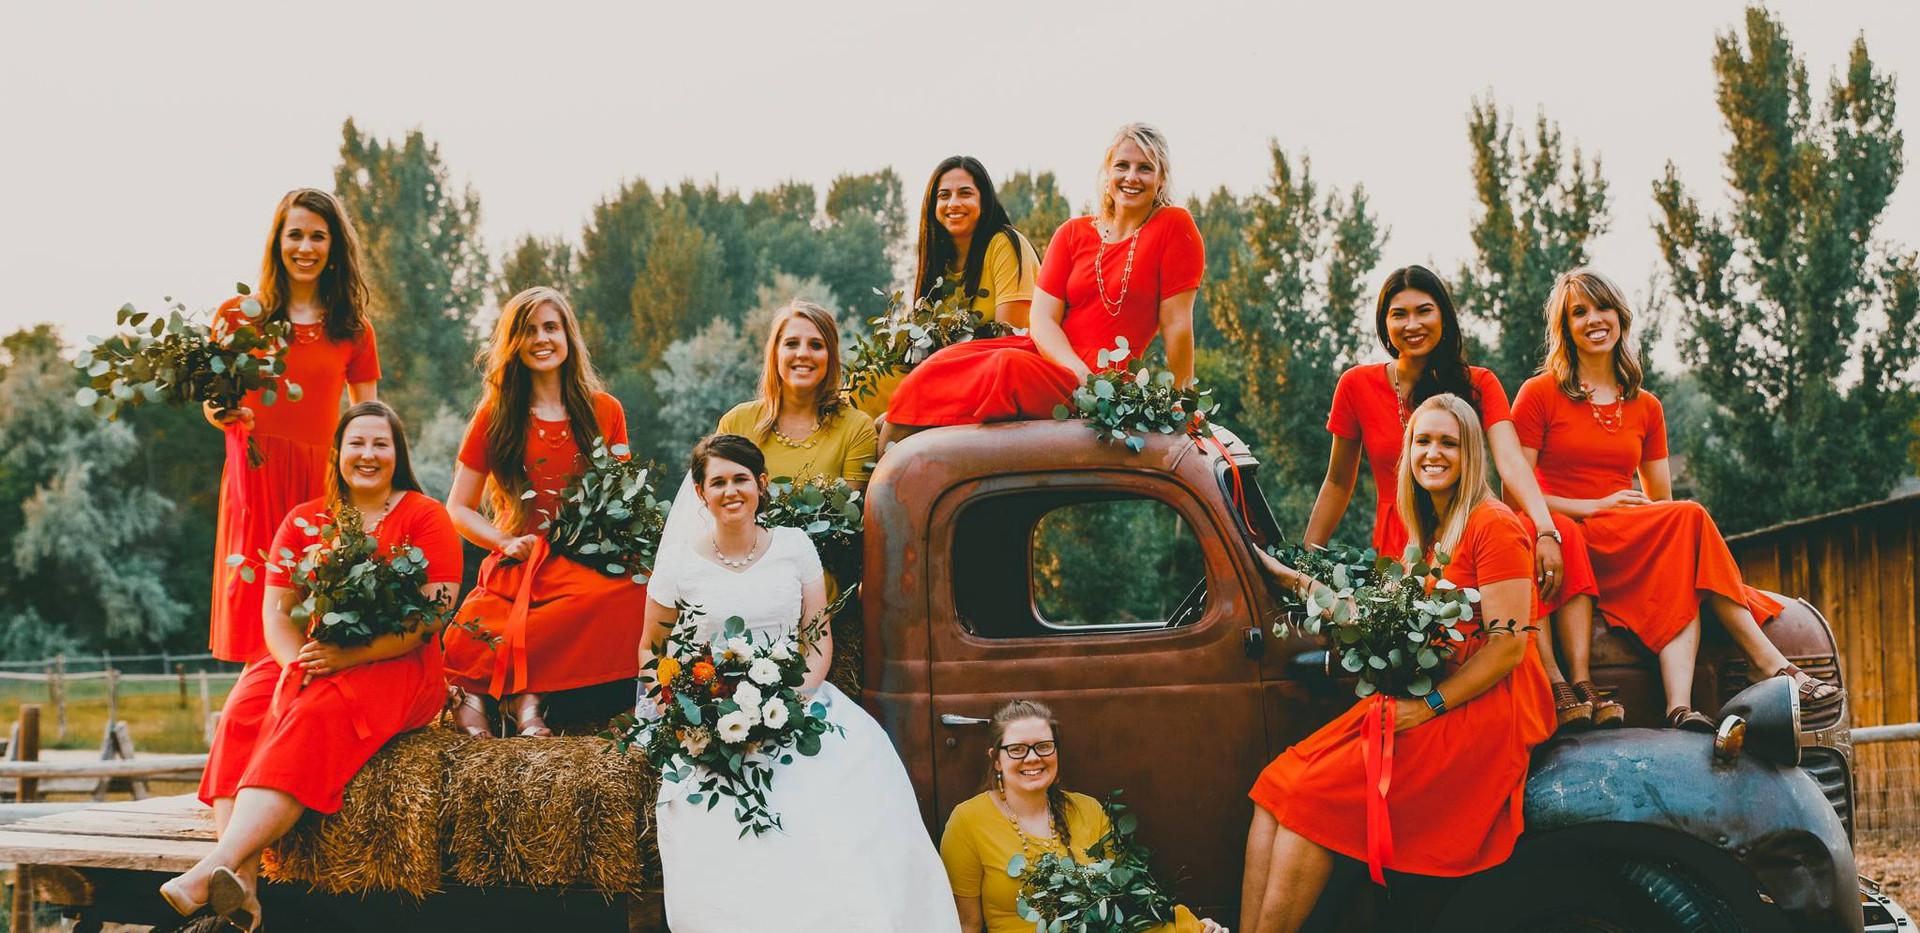 wheeler-farms-wedding-street